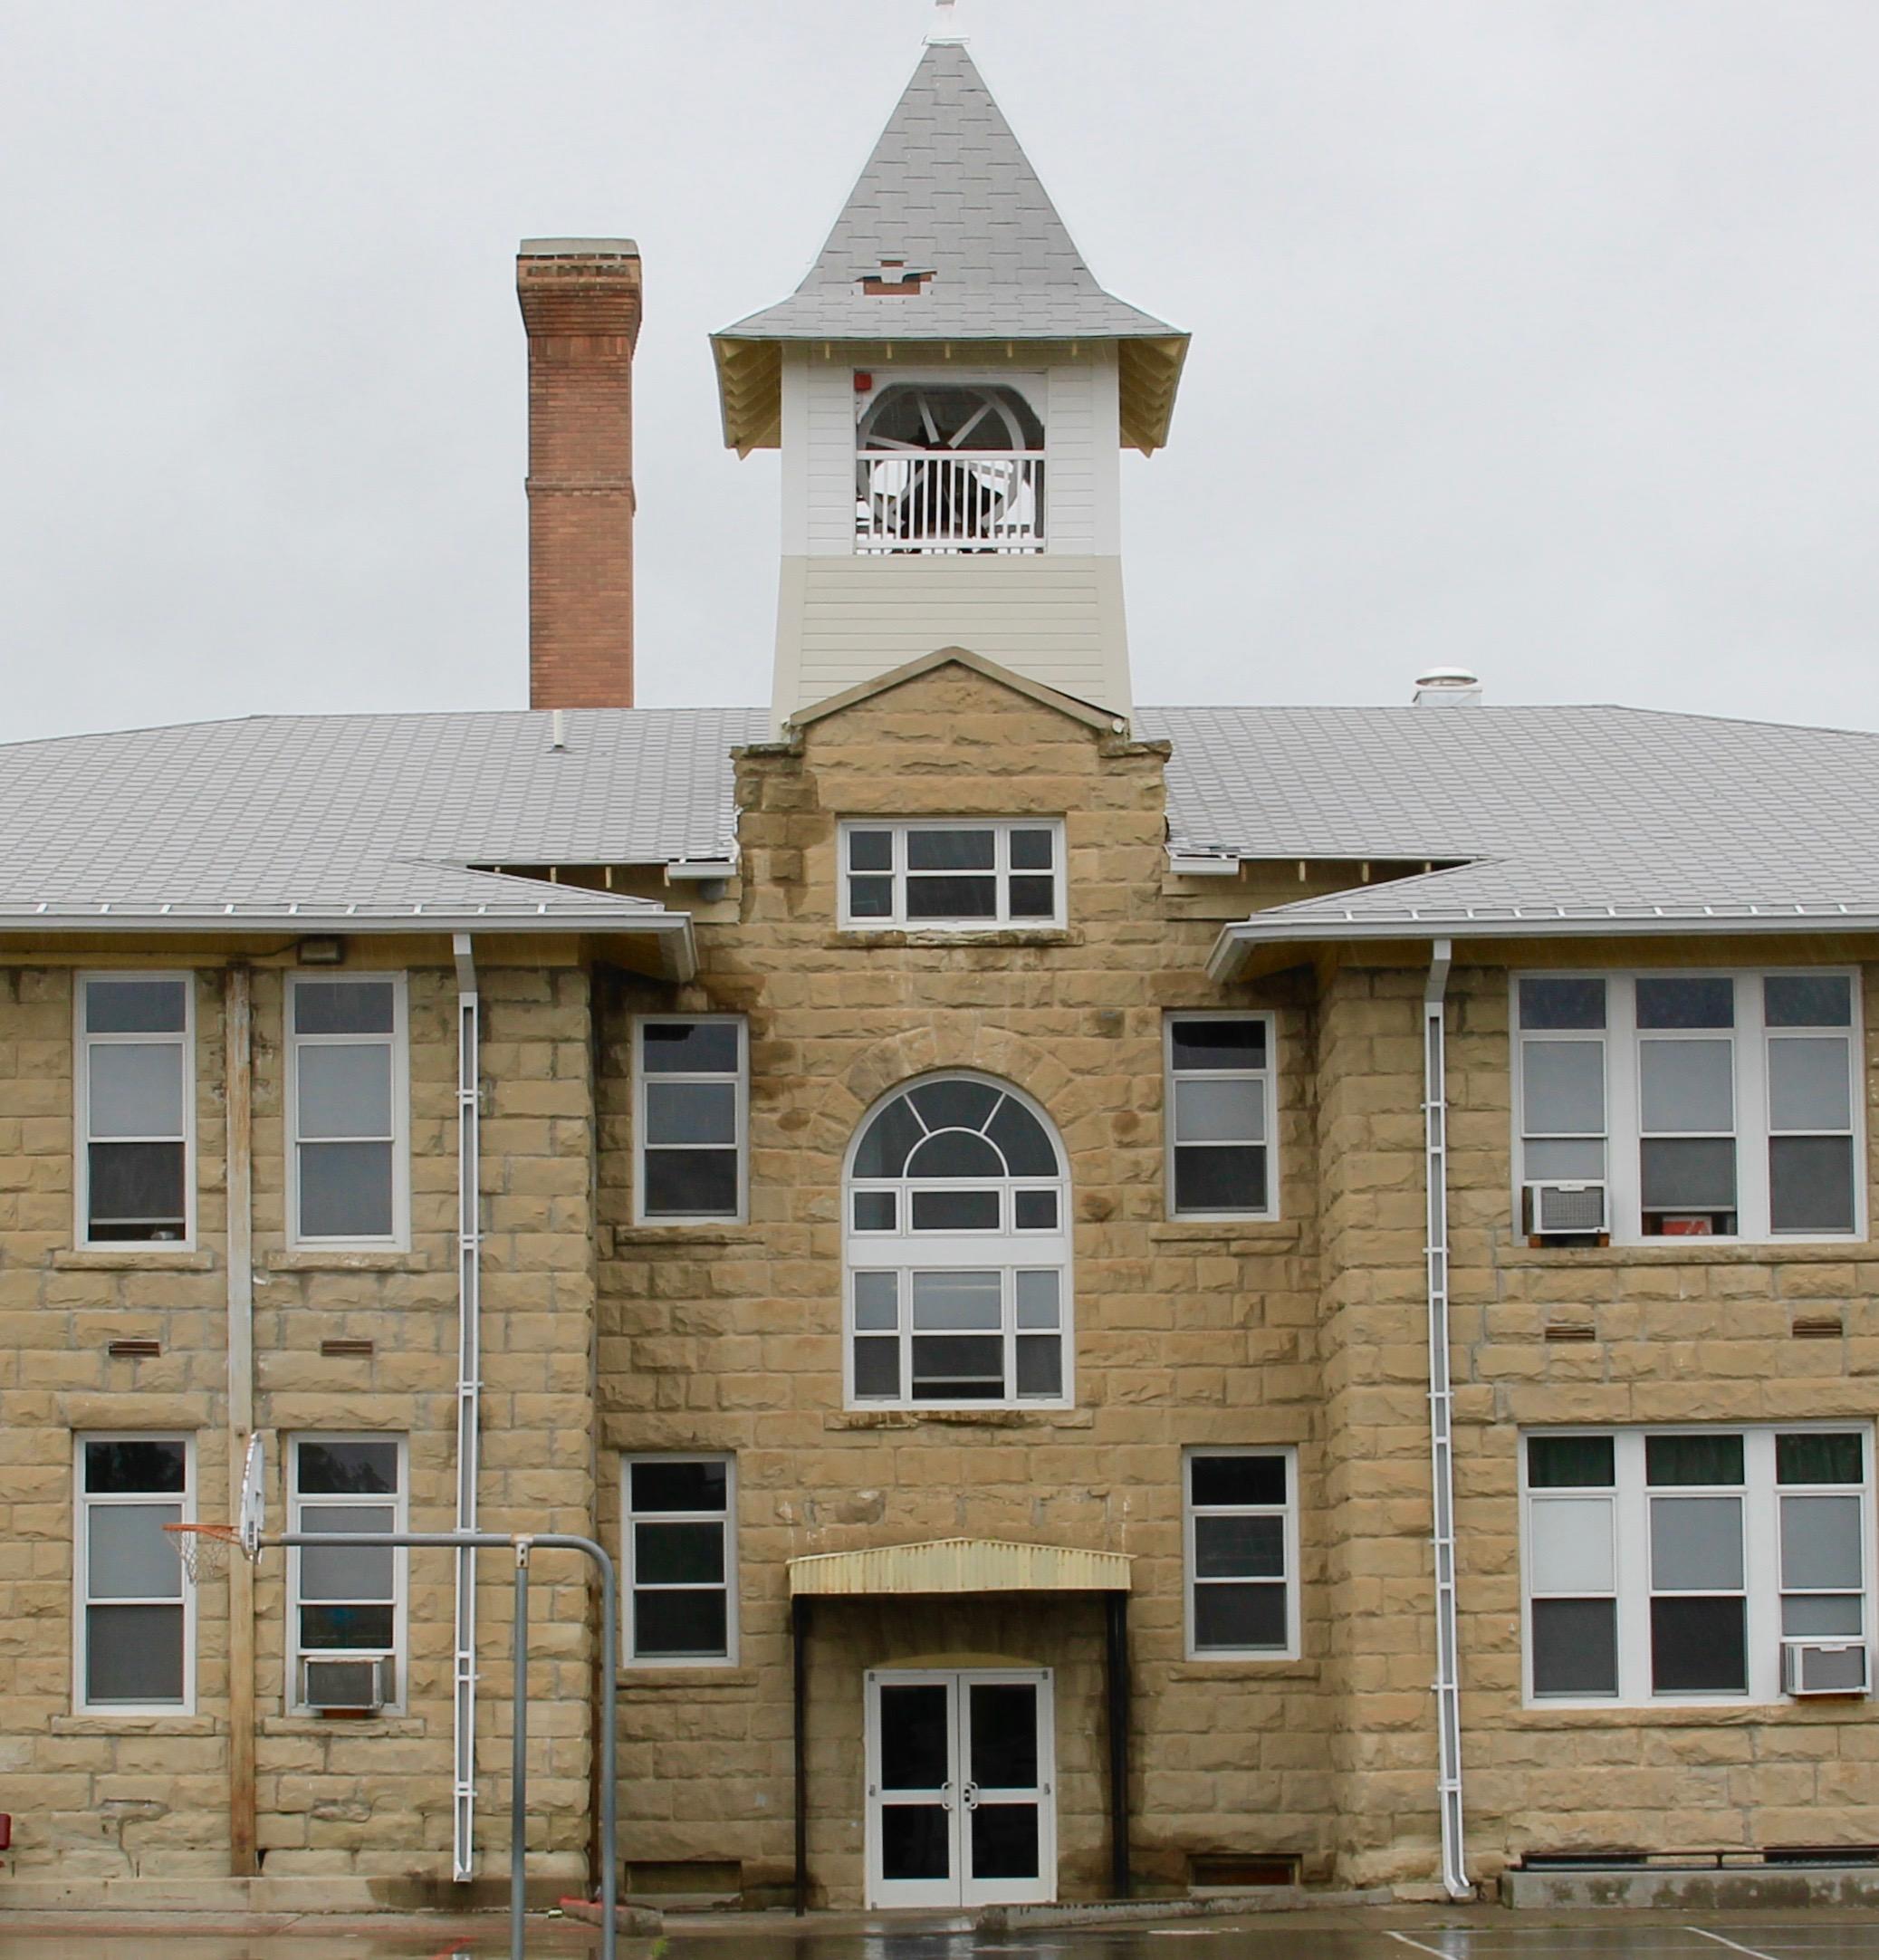 roundup school